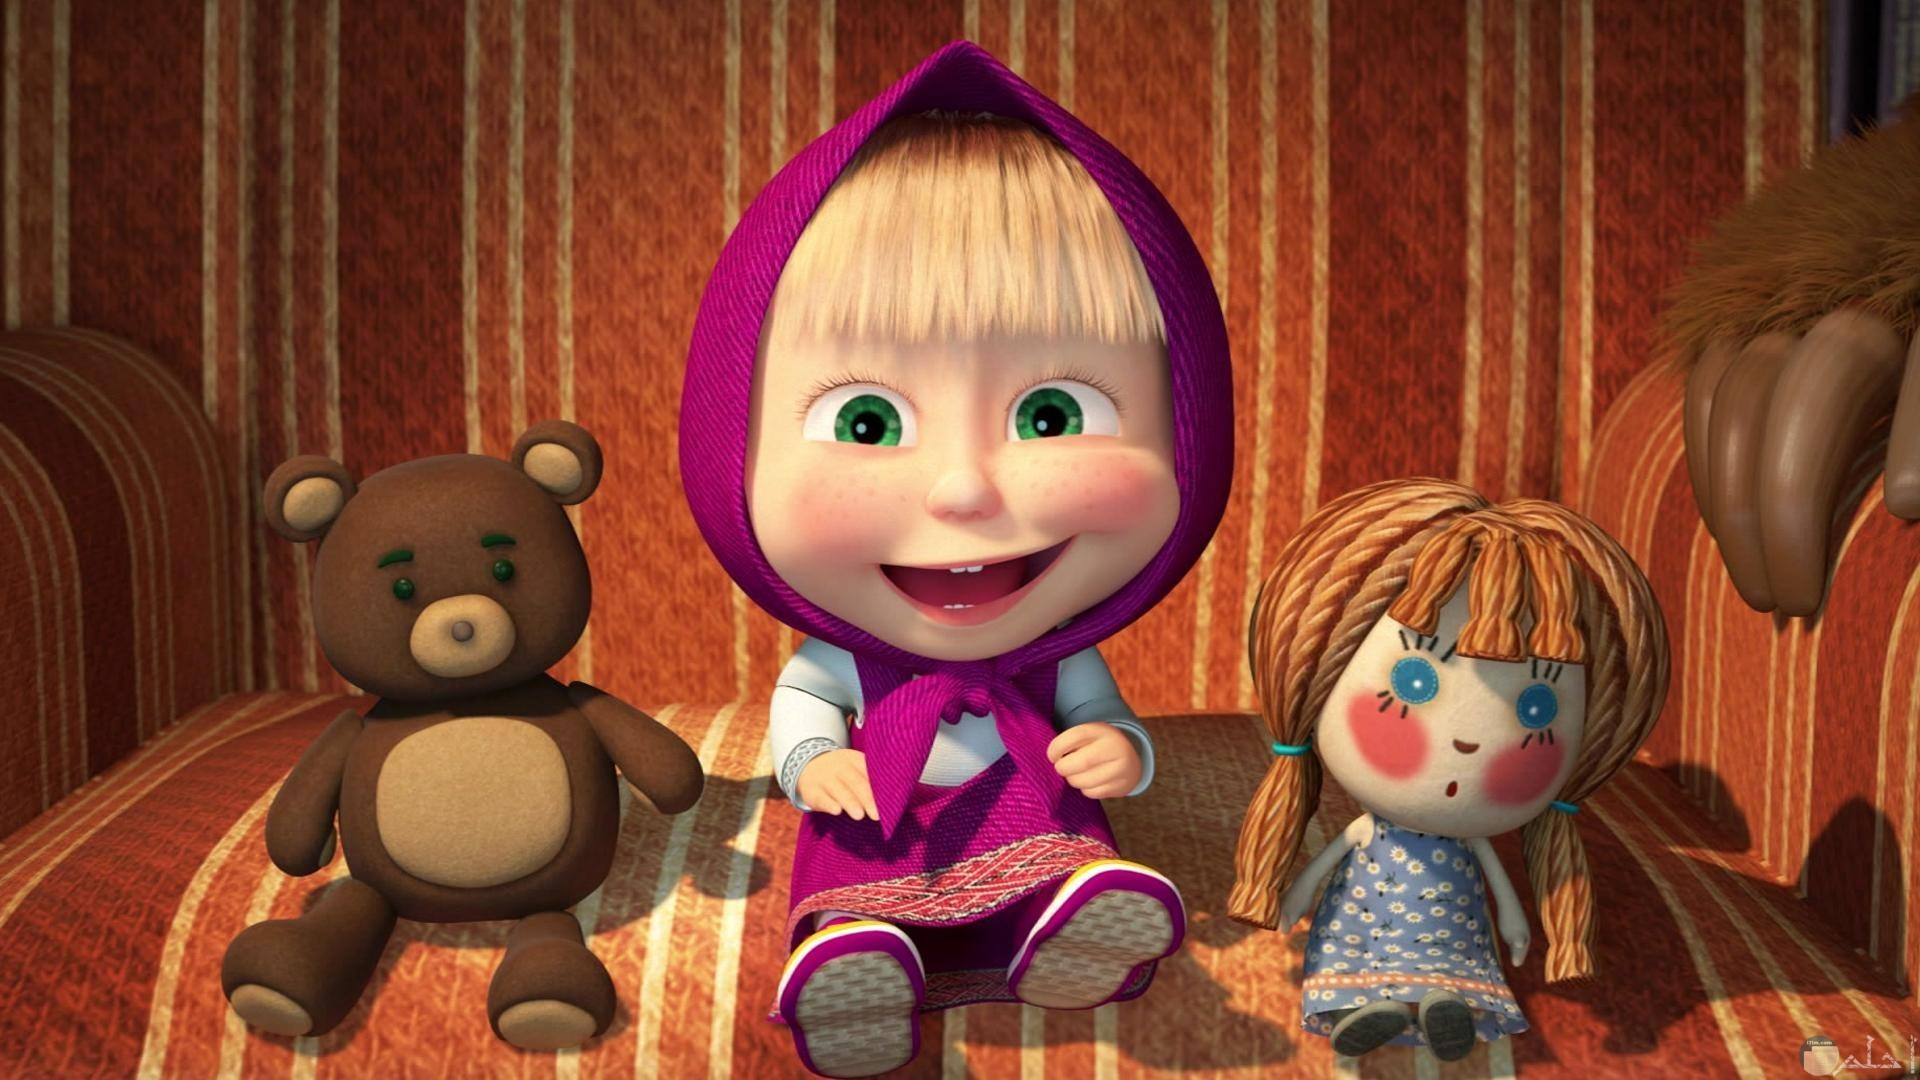 صورة مضحكة لماشا بضحكة جميلة بجانبها دمي صغيرة